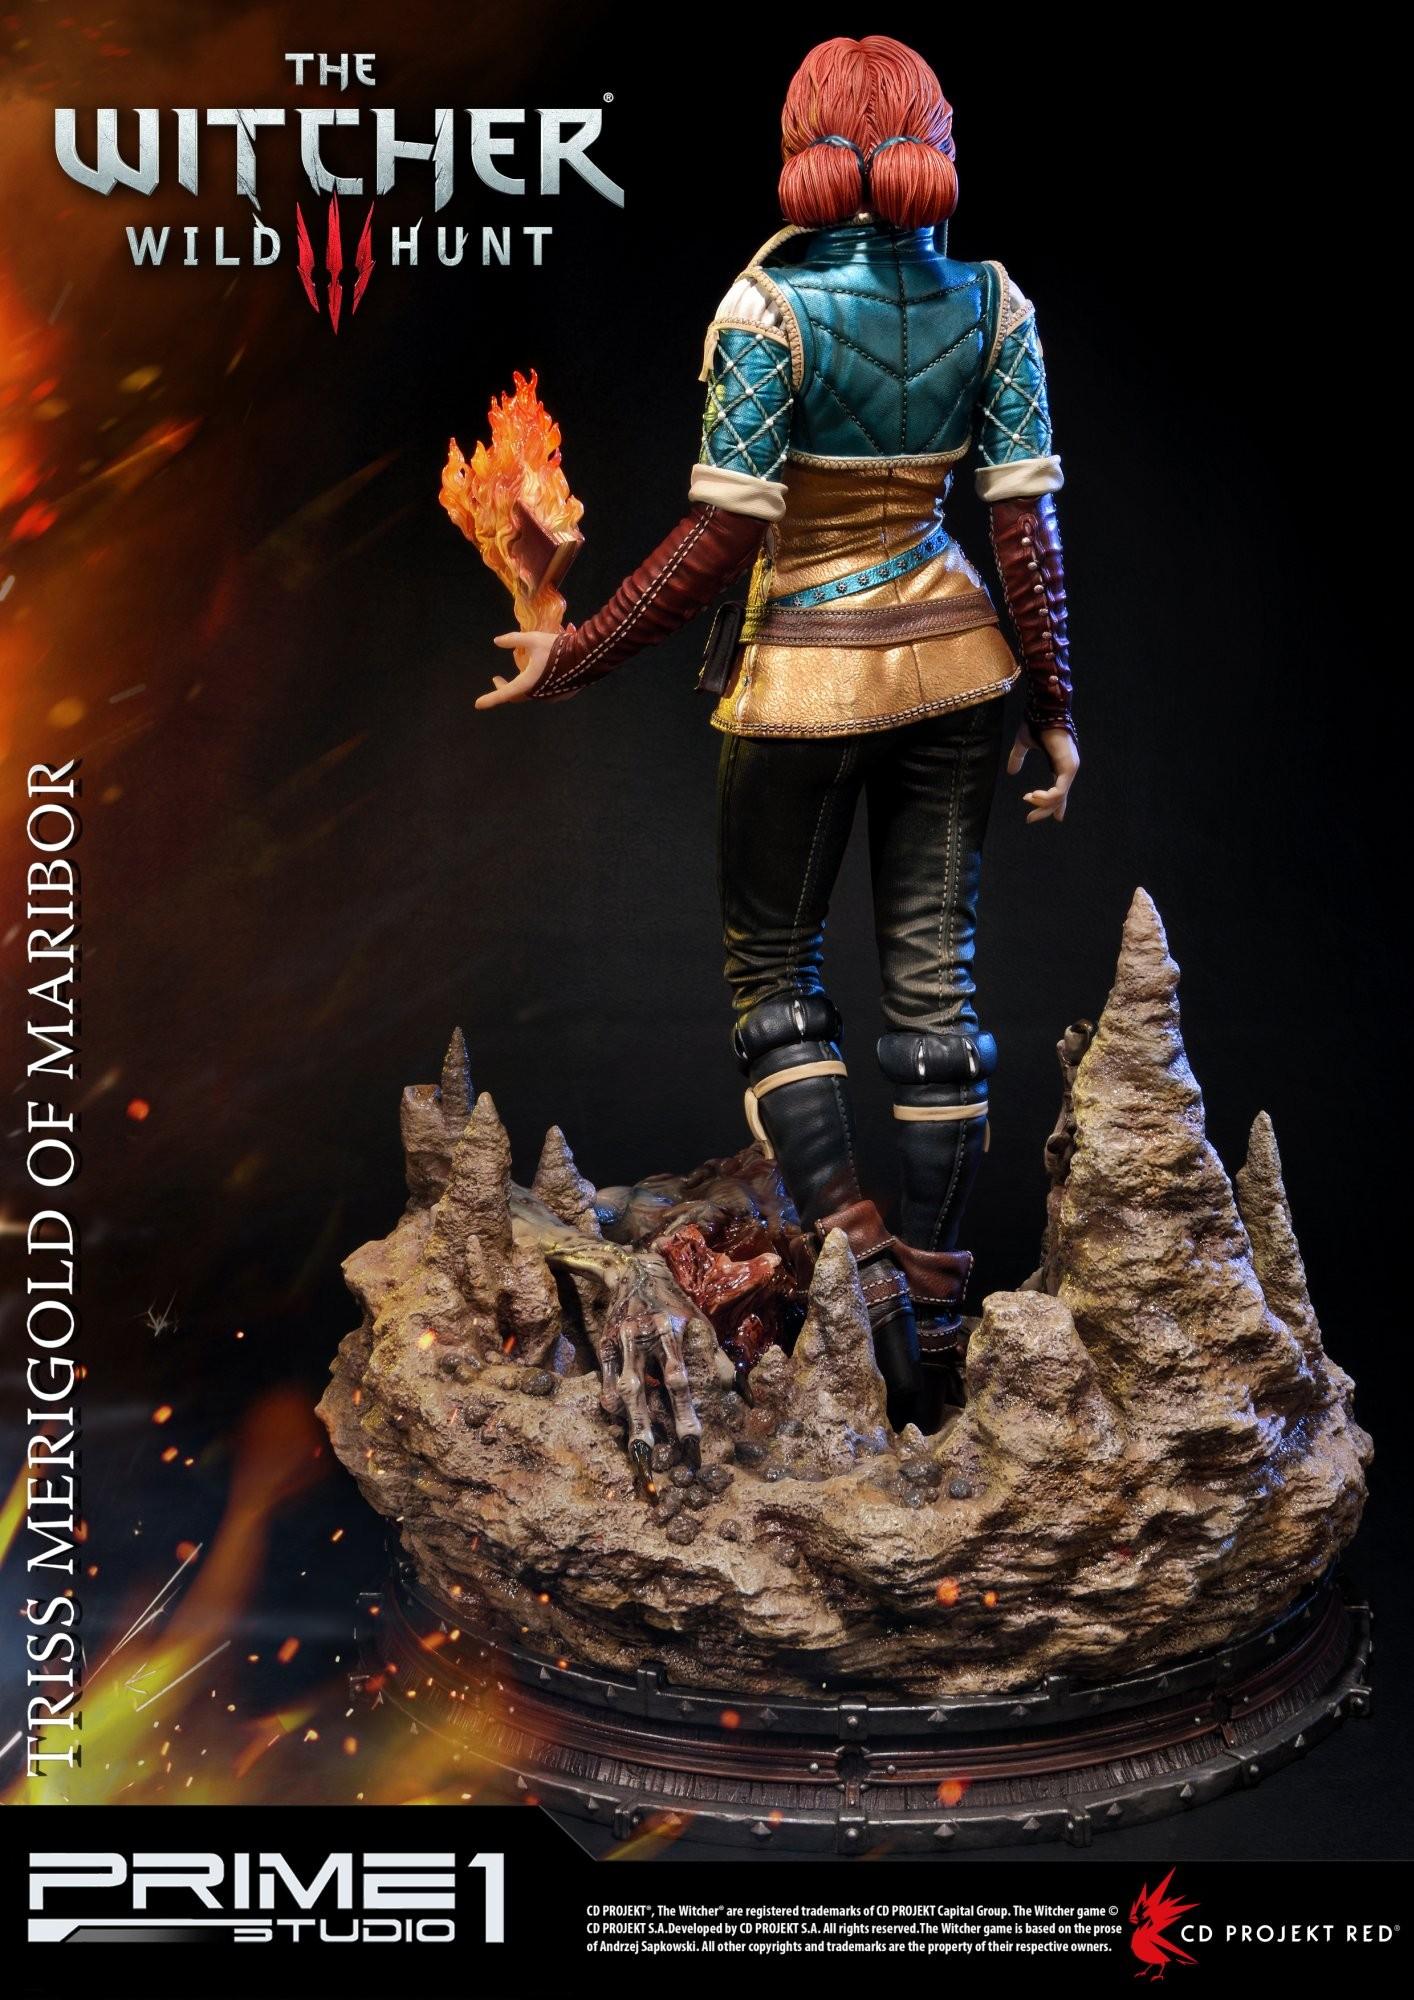 Очень крутые фото и фигурки Геральта и компании - Witcher 3: Wild Hunt, the коллекционная фигурка